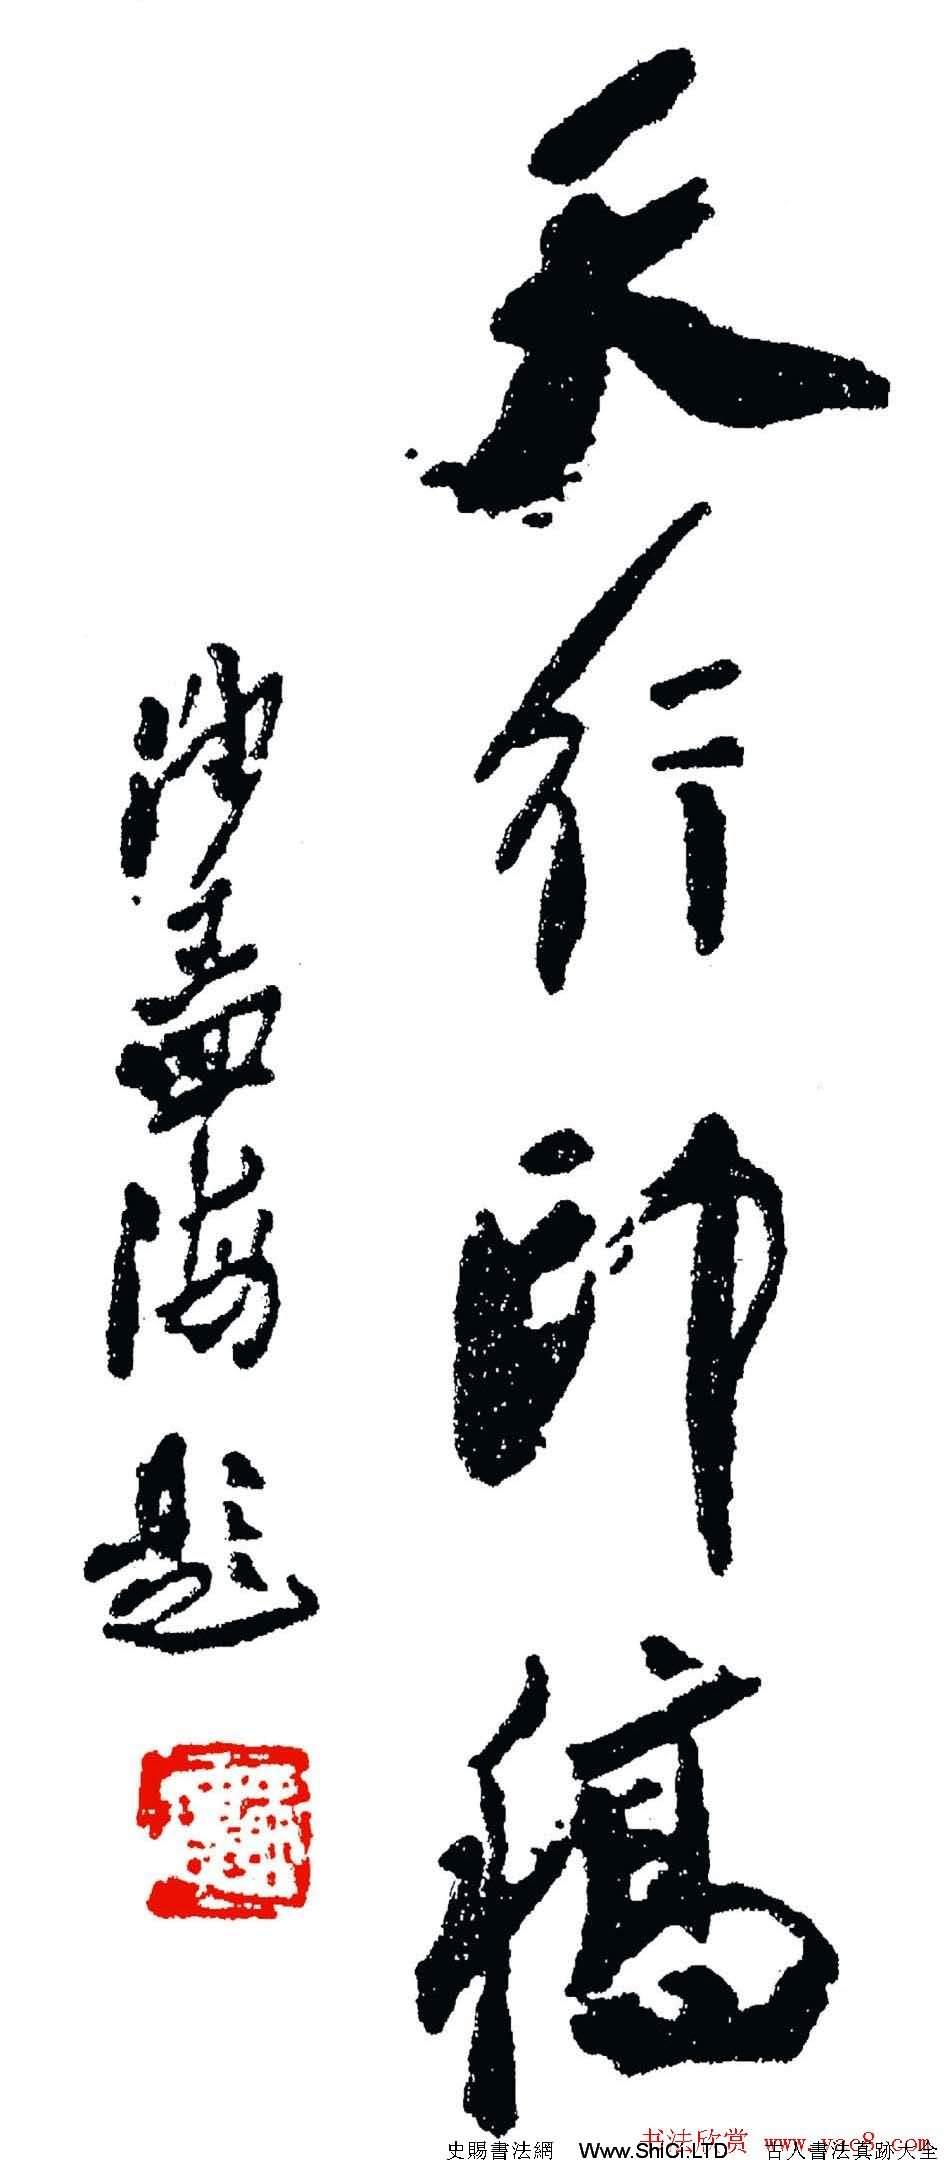 雷志雄篆刻作品真跡欣賞《天行印稿》(共10張圖片)